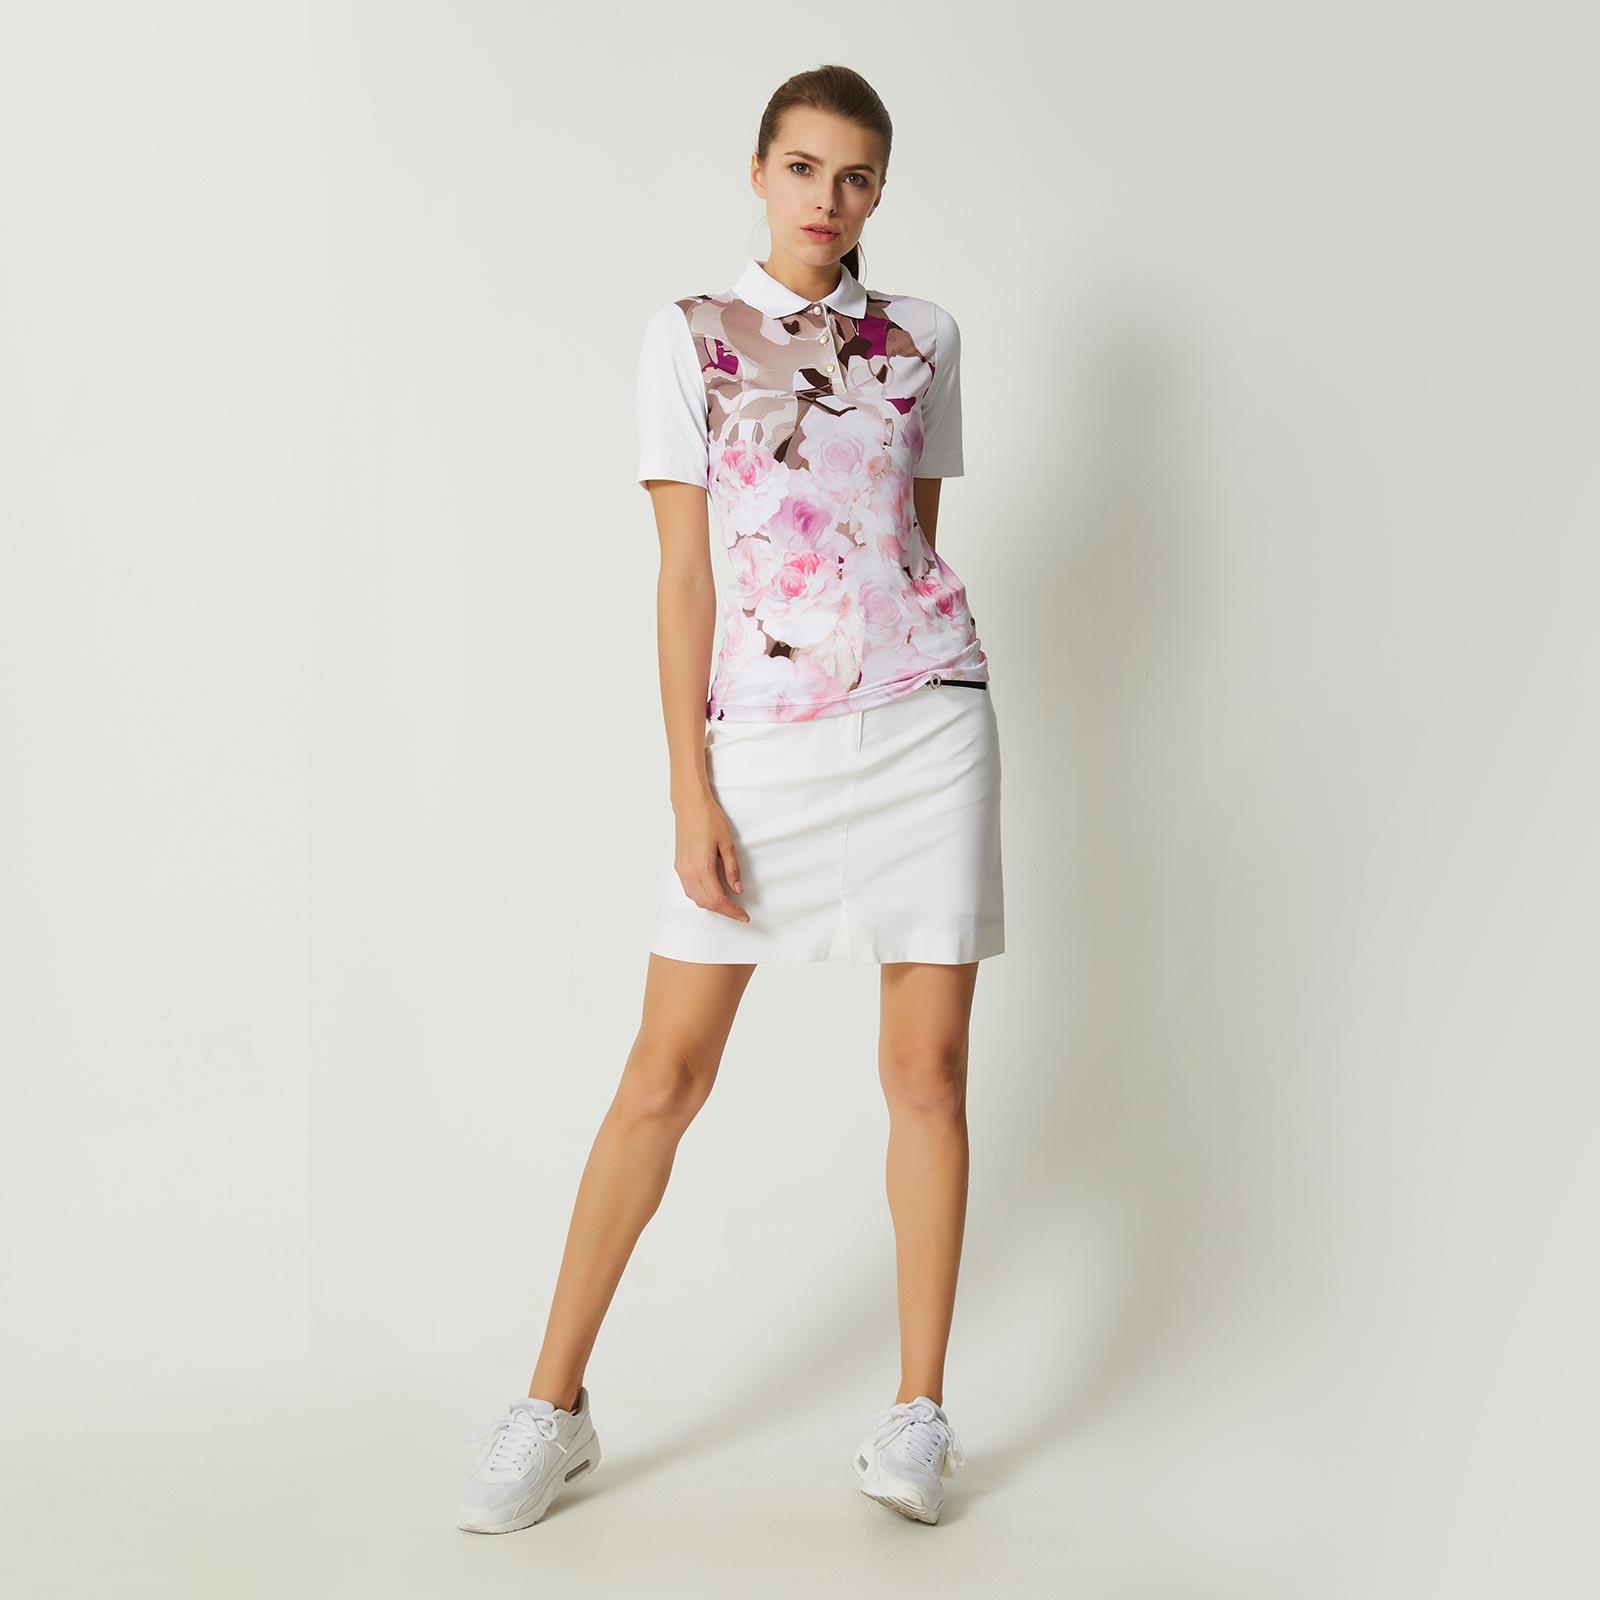 Damen Polo mit Blumenmuster